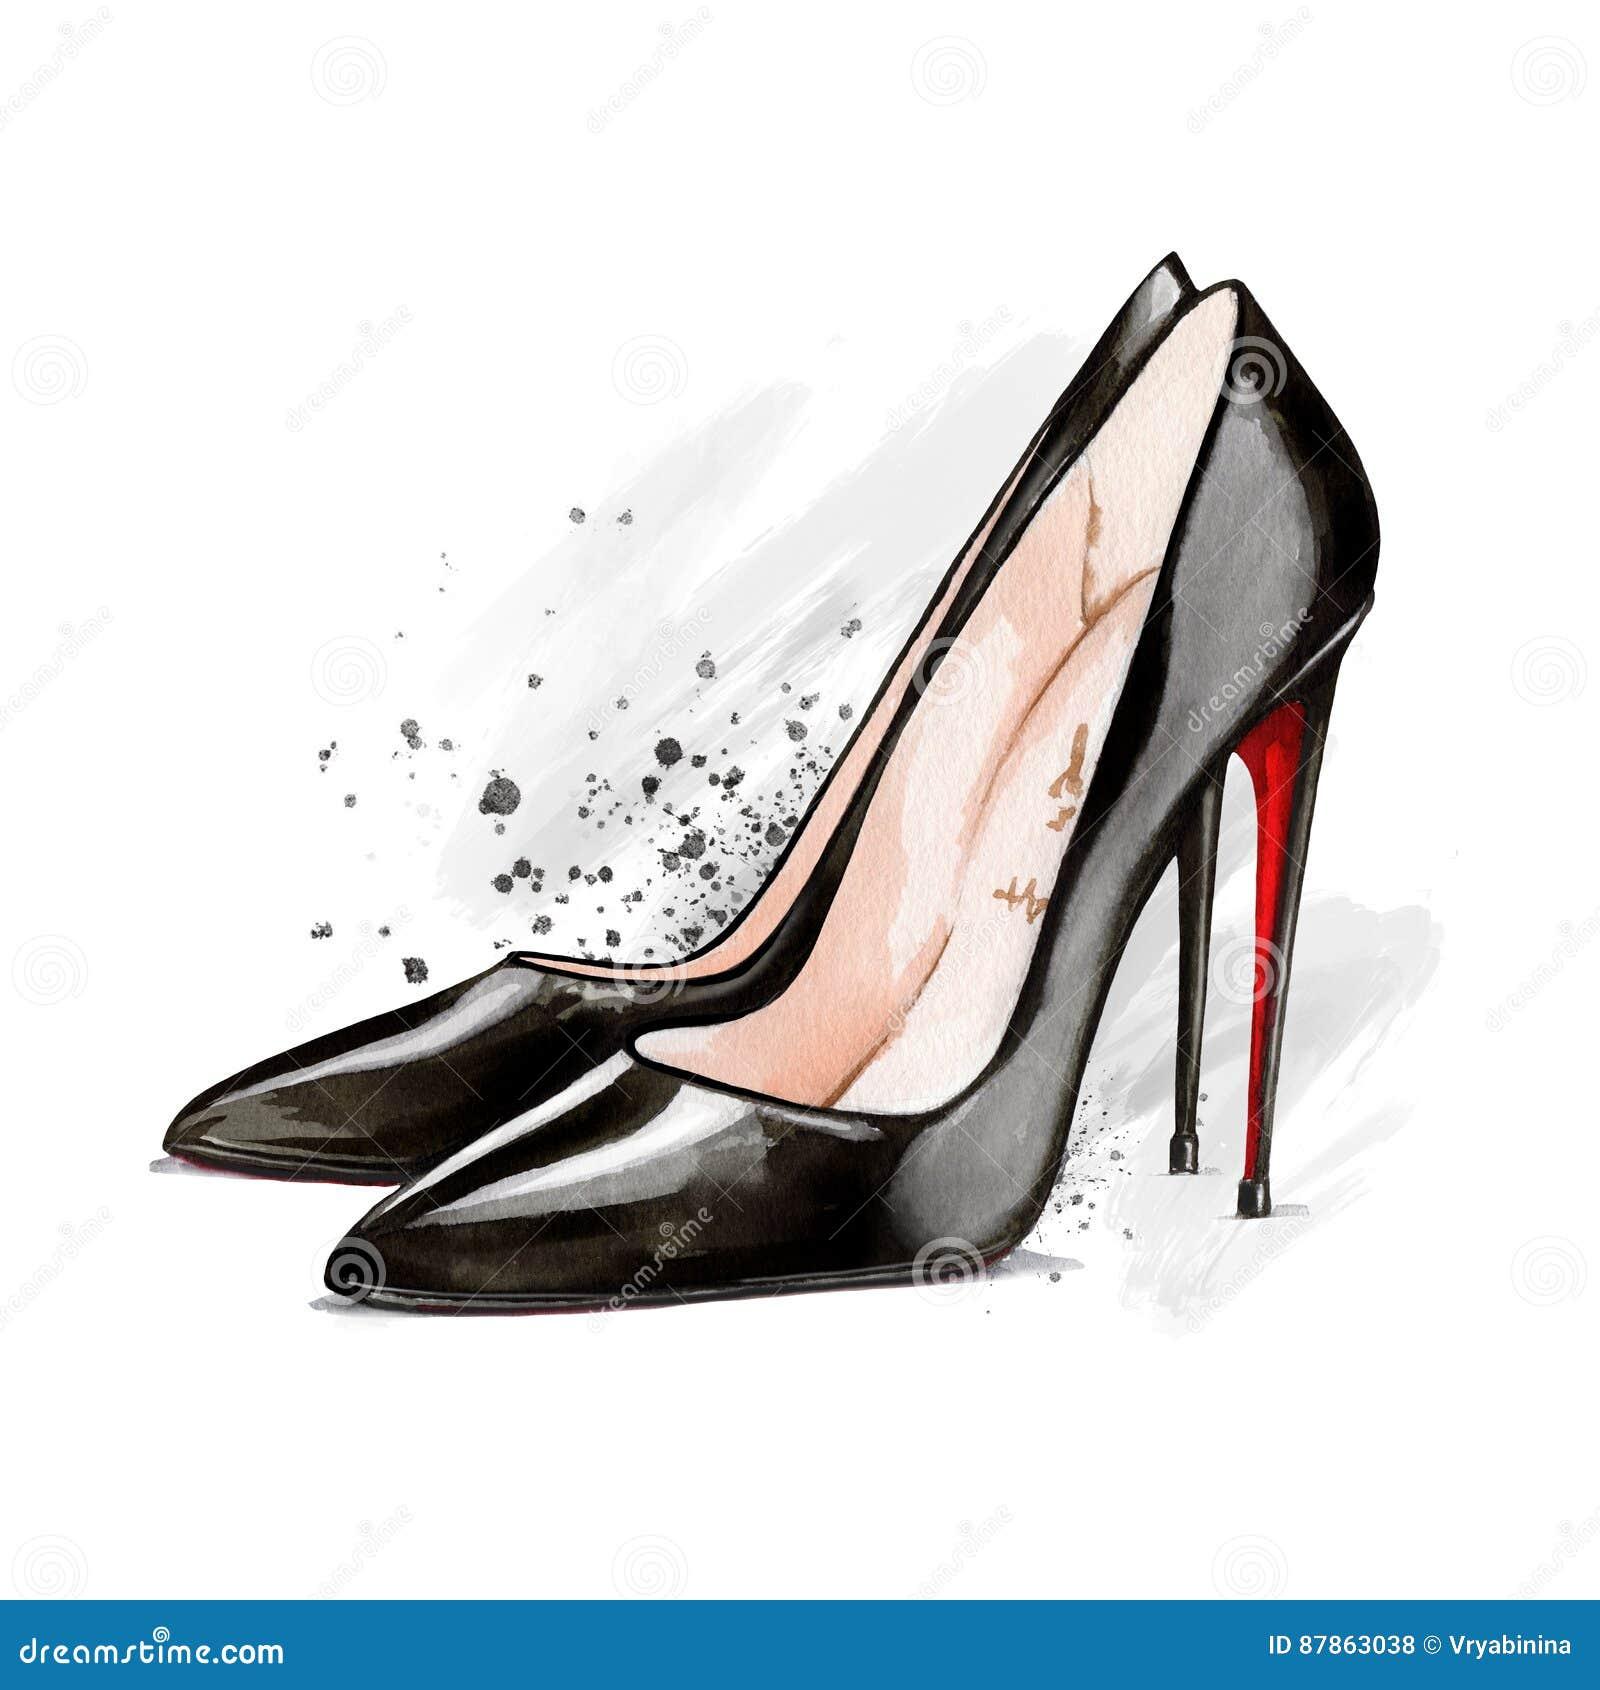 La Zapatos Del De Stock Tacón Ilustración Alto Negros Acuarela pvfqawvP76